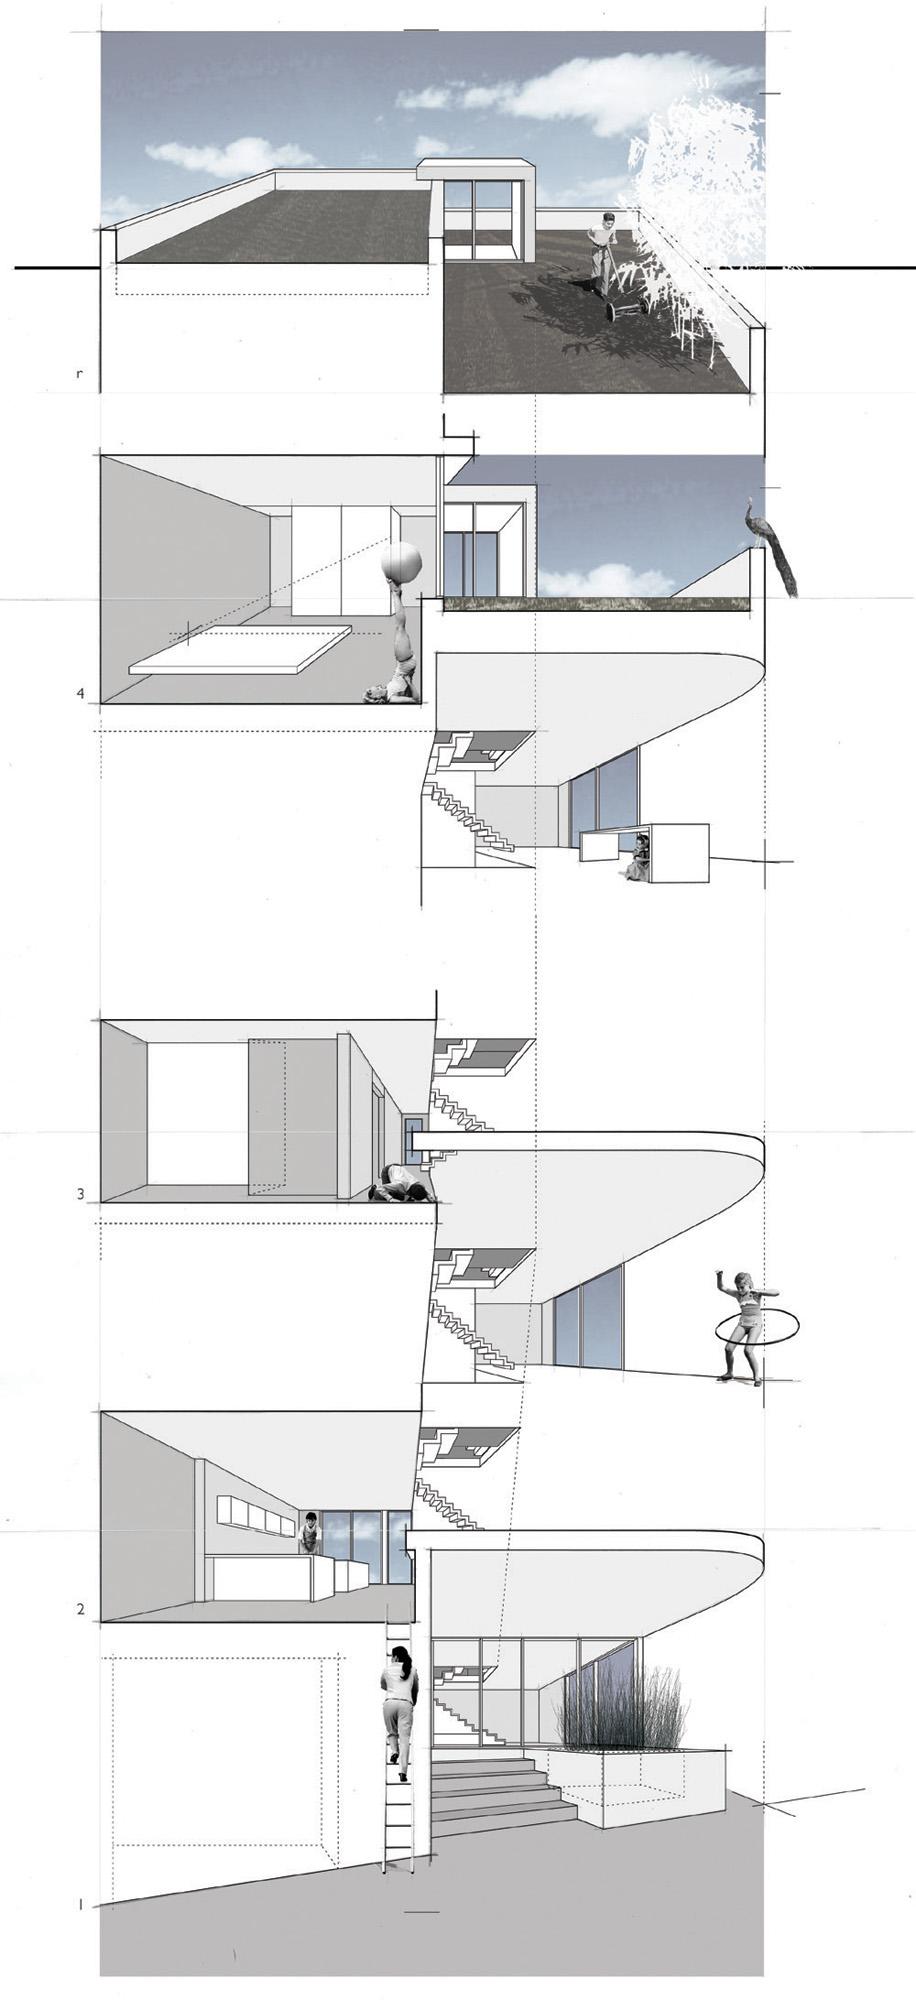 gallery of split level house qb design 22 split level house qb design